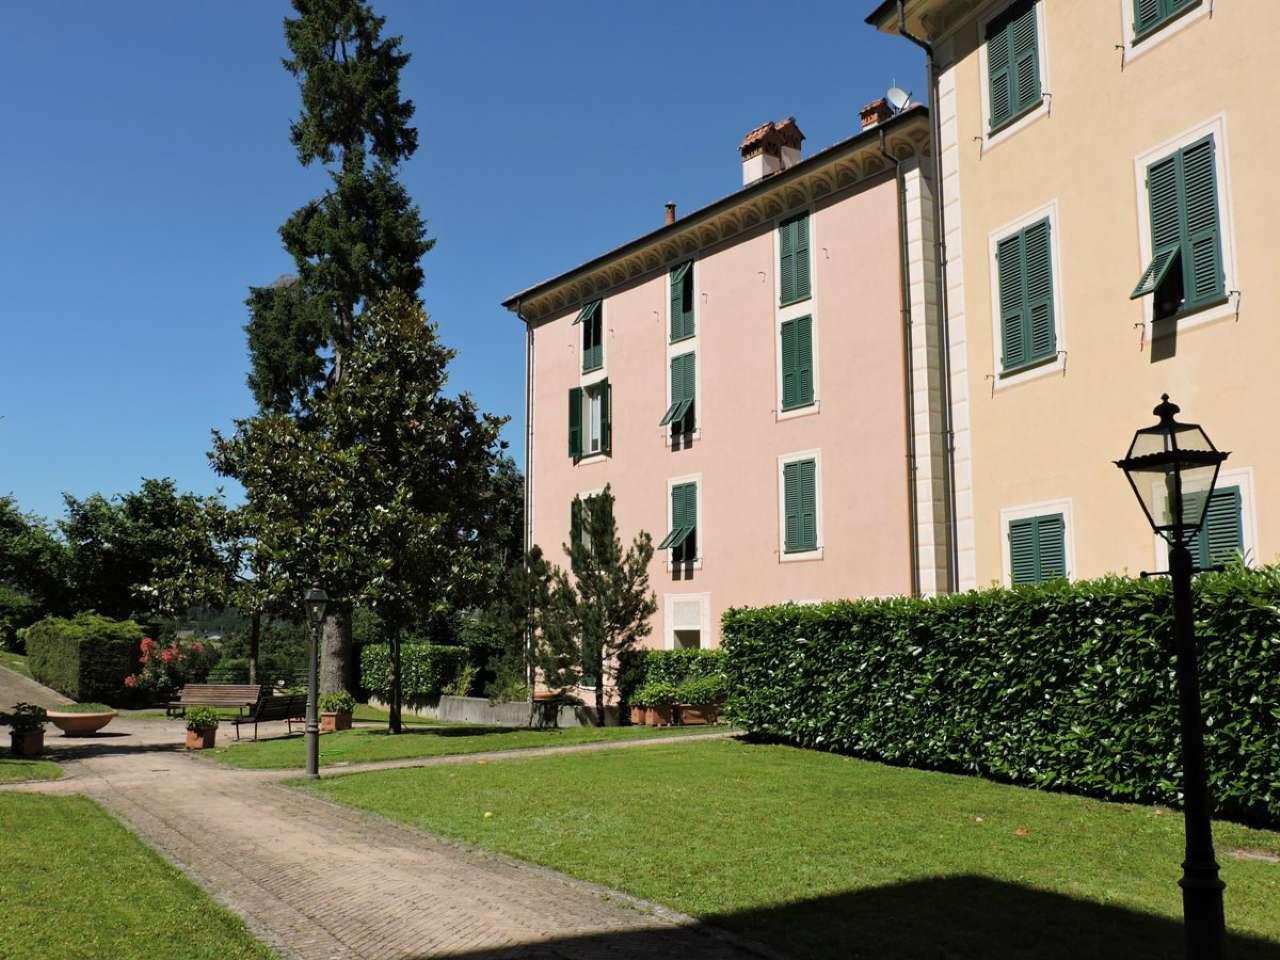 Appartamento in vendita a Voltaggio, 2 locali, prezzo € 60.000 | CambioCasa.it